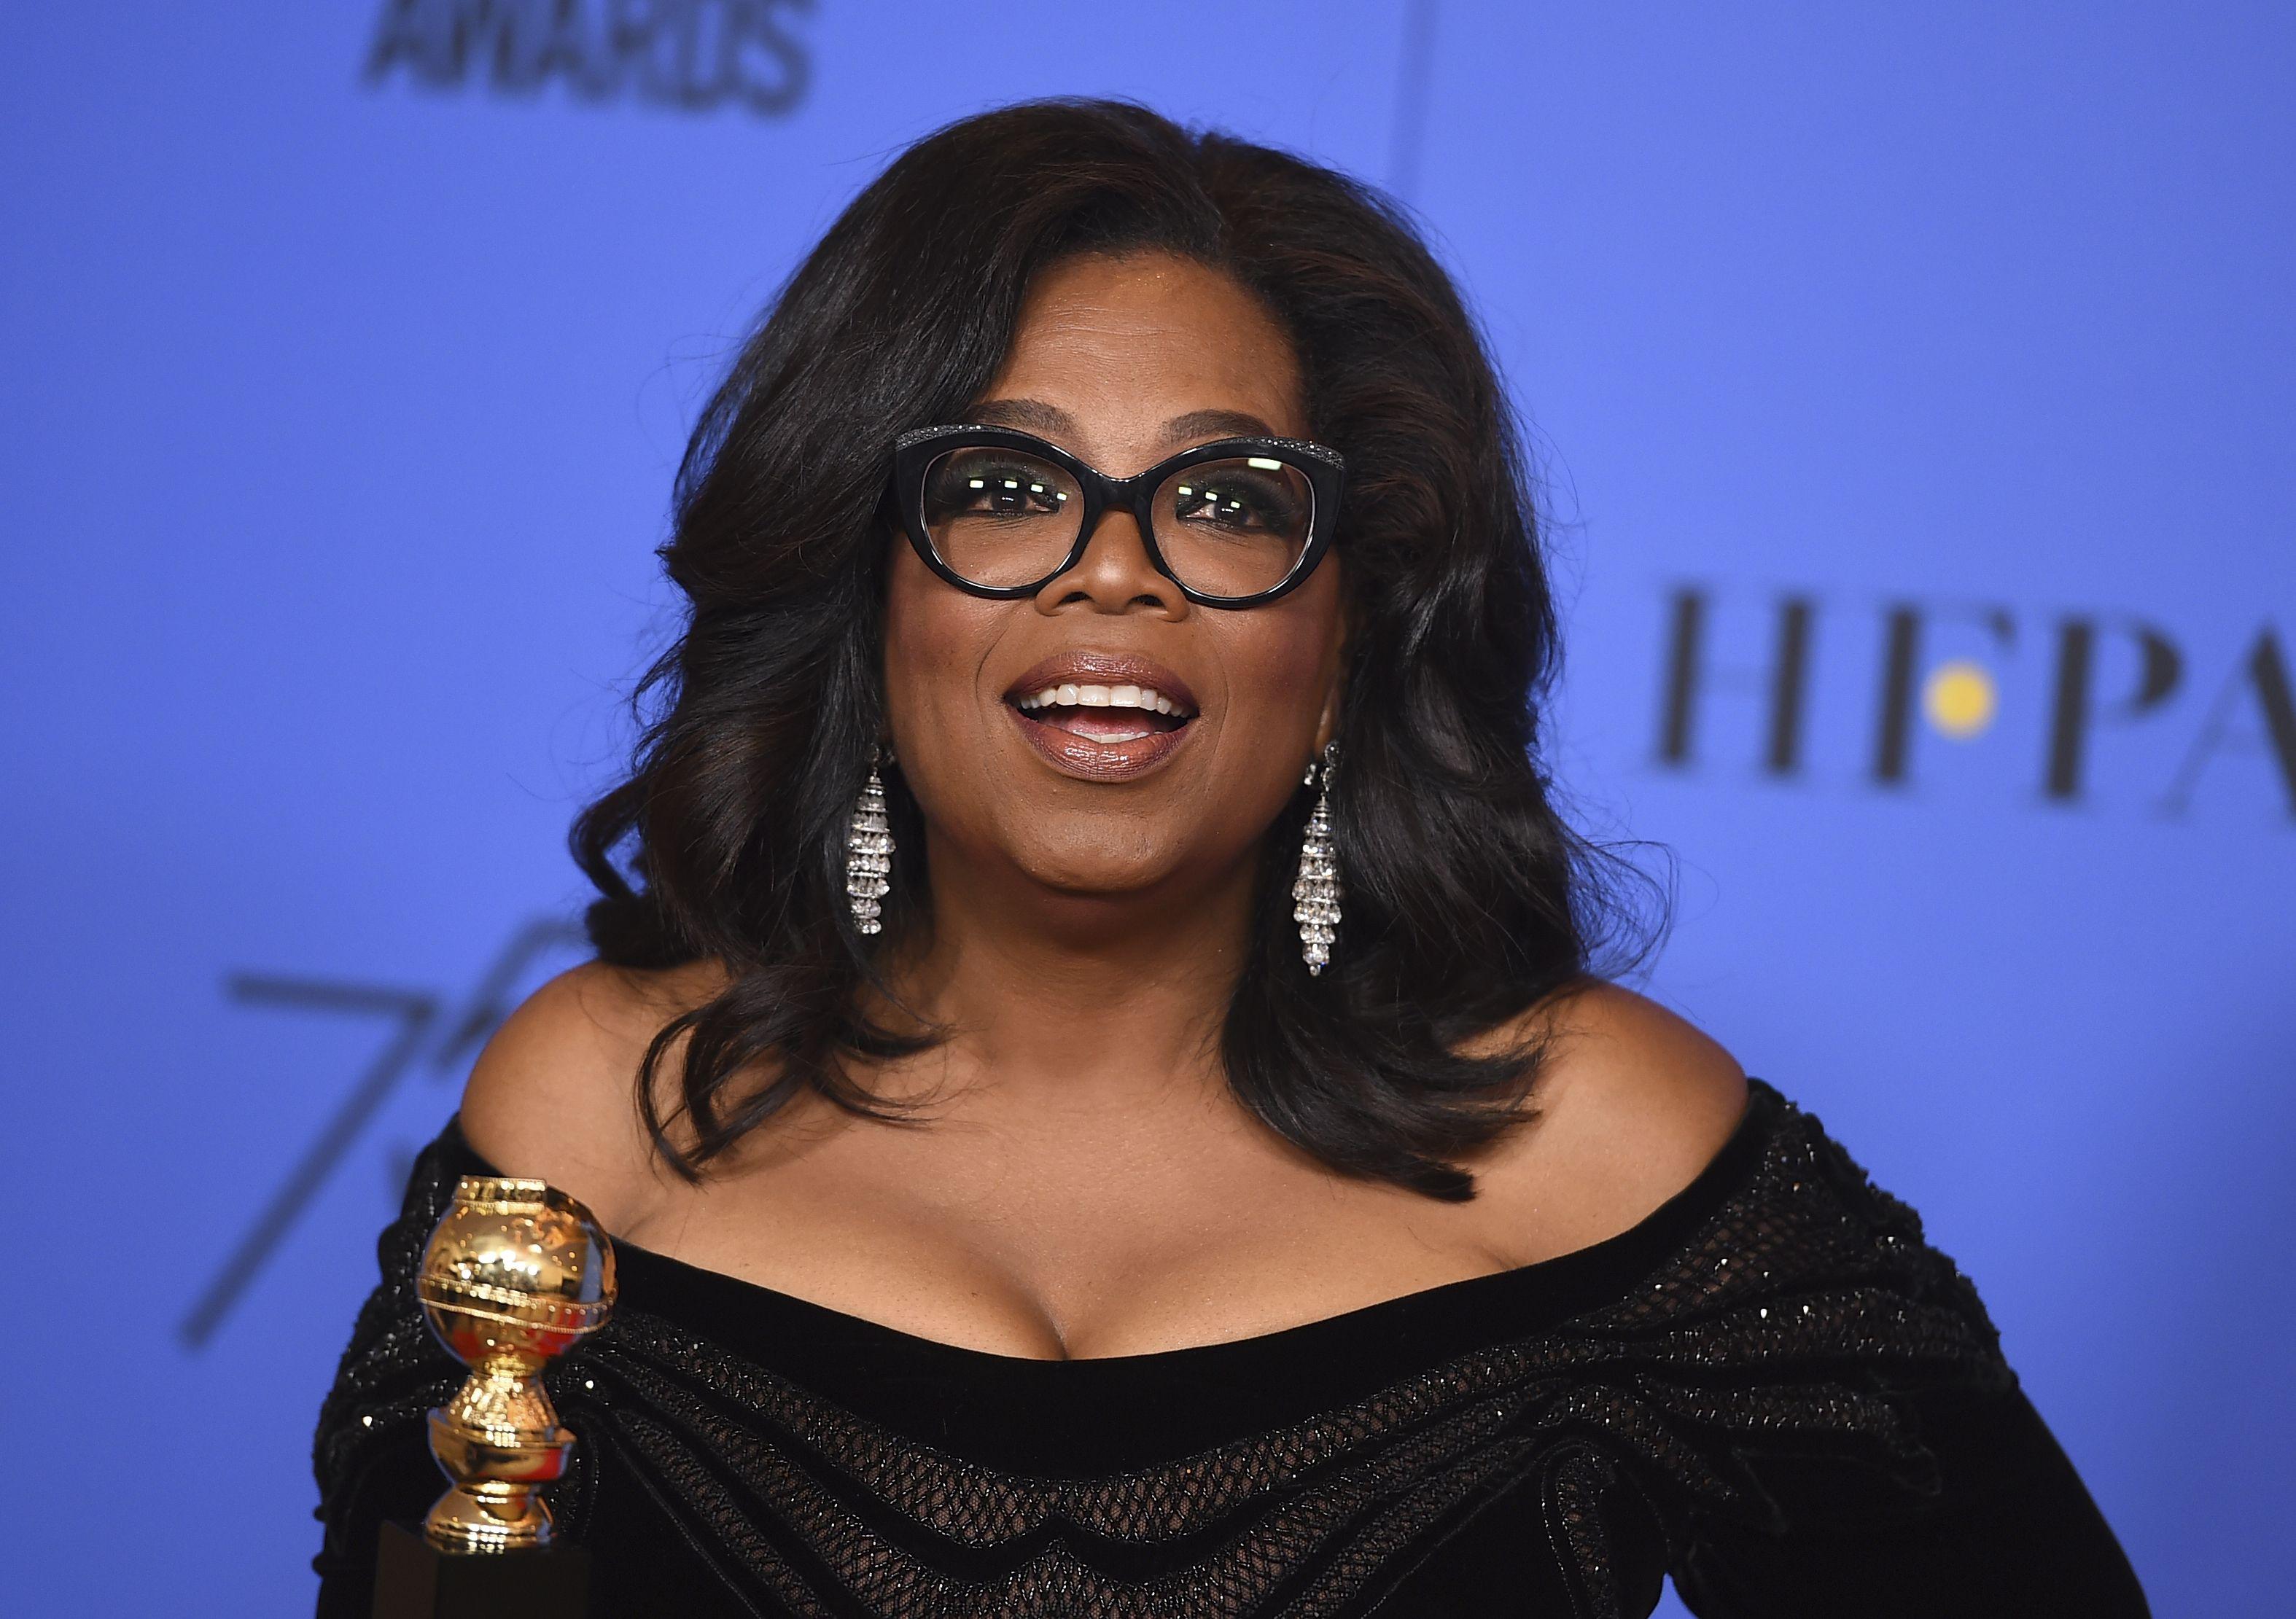 Could Oprah Winfrey Dethrone President Trump in 2020?